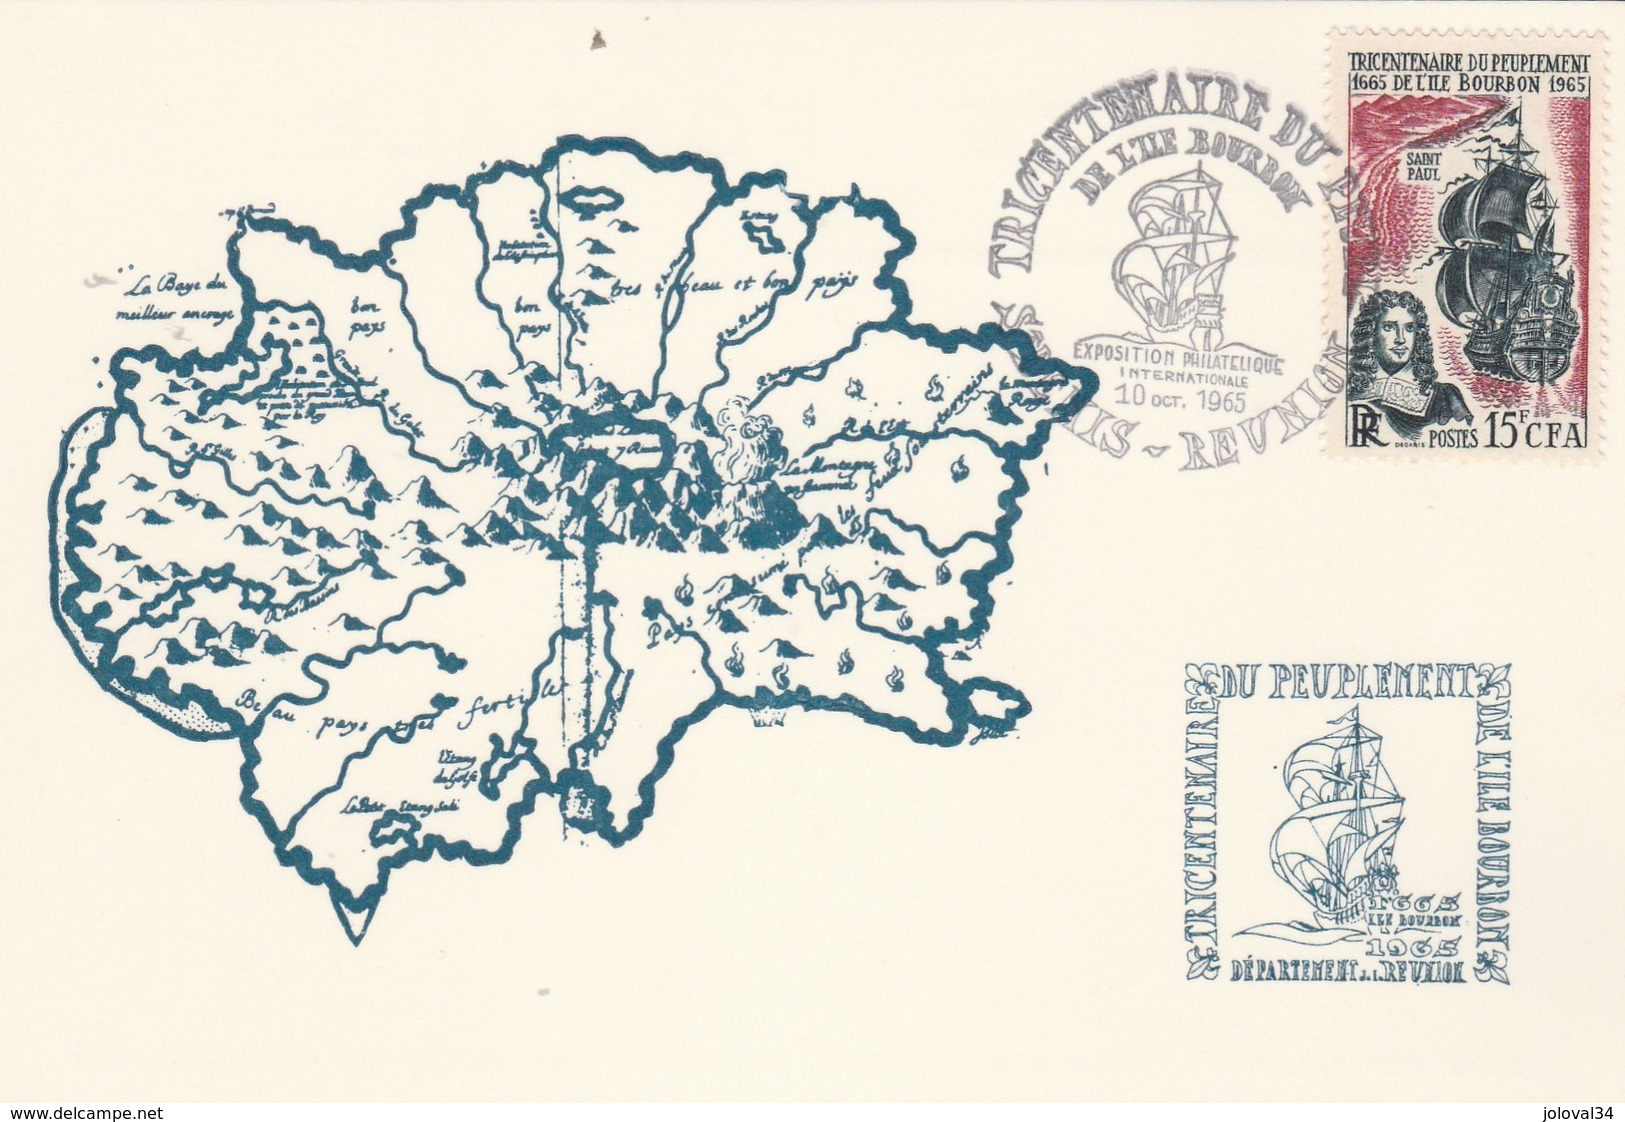 REUNION Carte Maximum Yvert 365 Tricentenaire Peuplement Ile Bourbon 3/10/1965 - Bateau - Illustration 7 - Réunion (1852-1975)